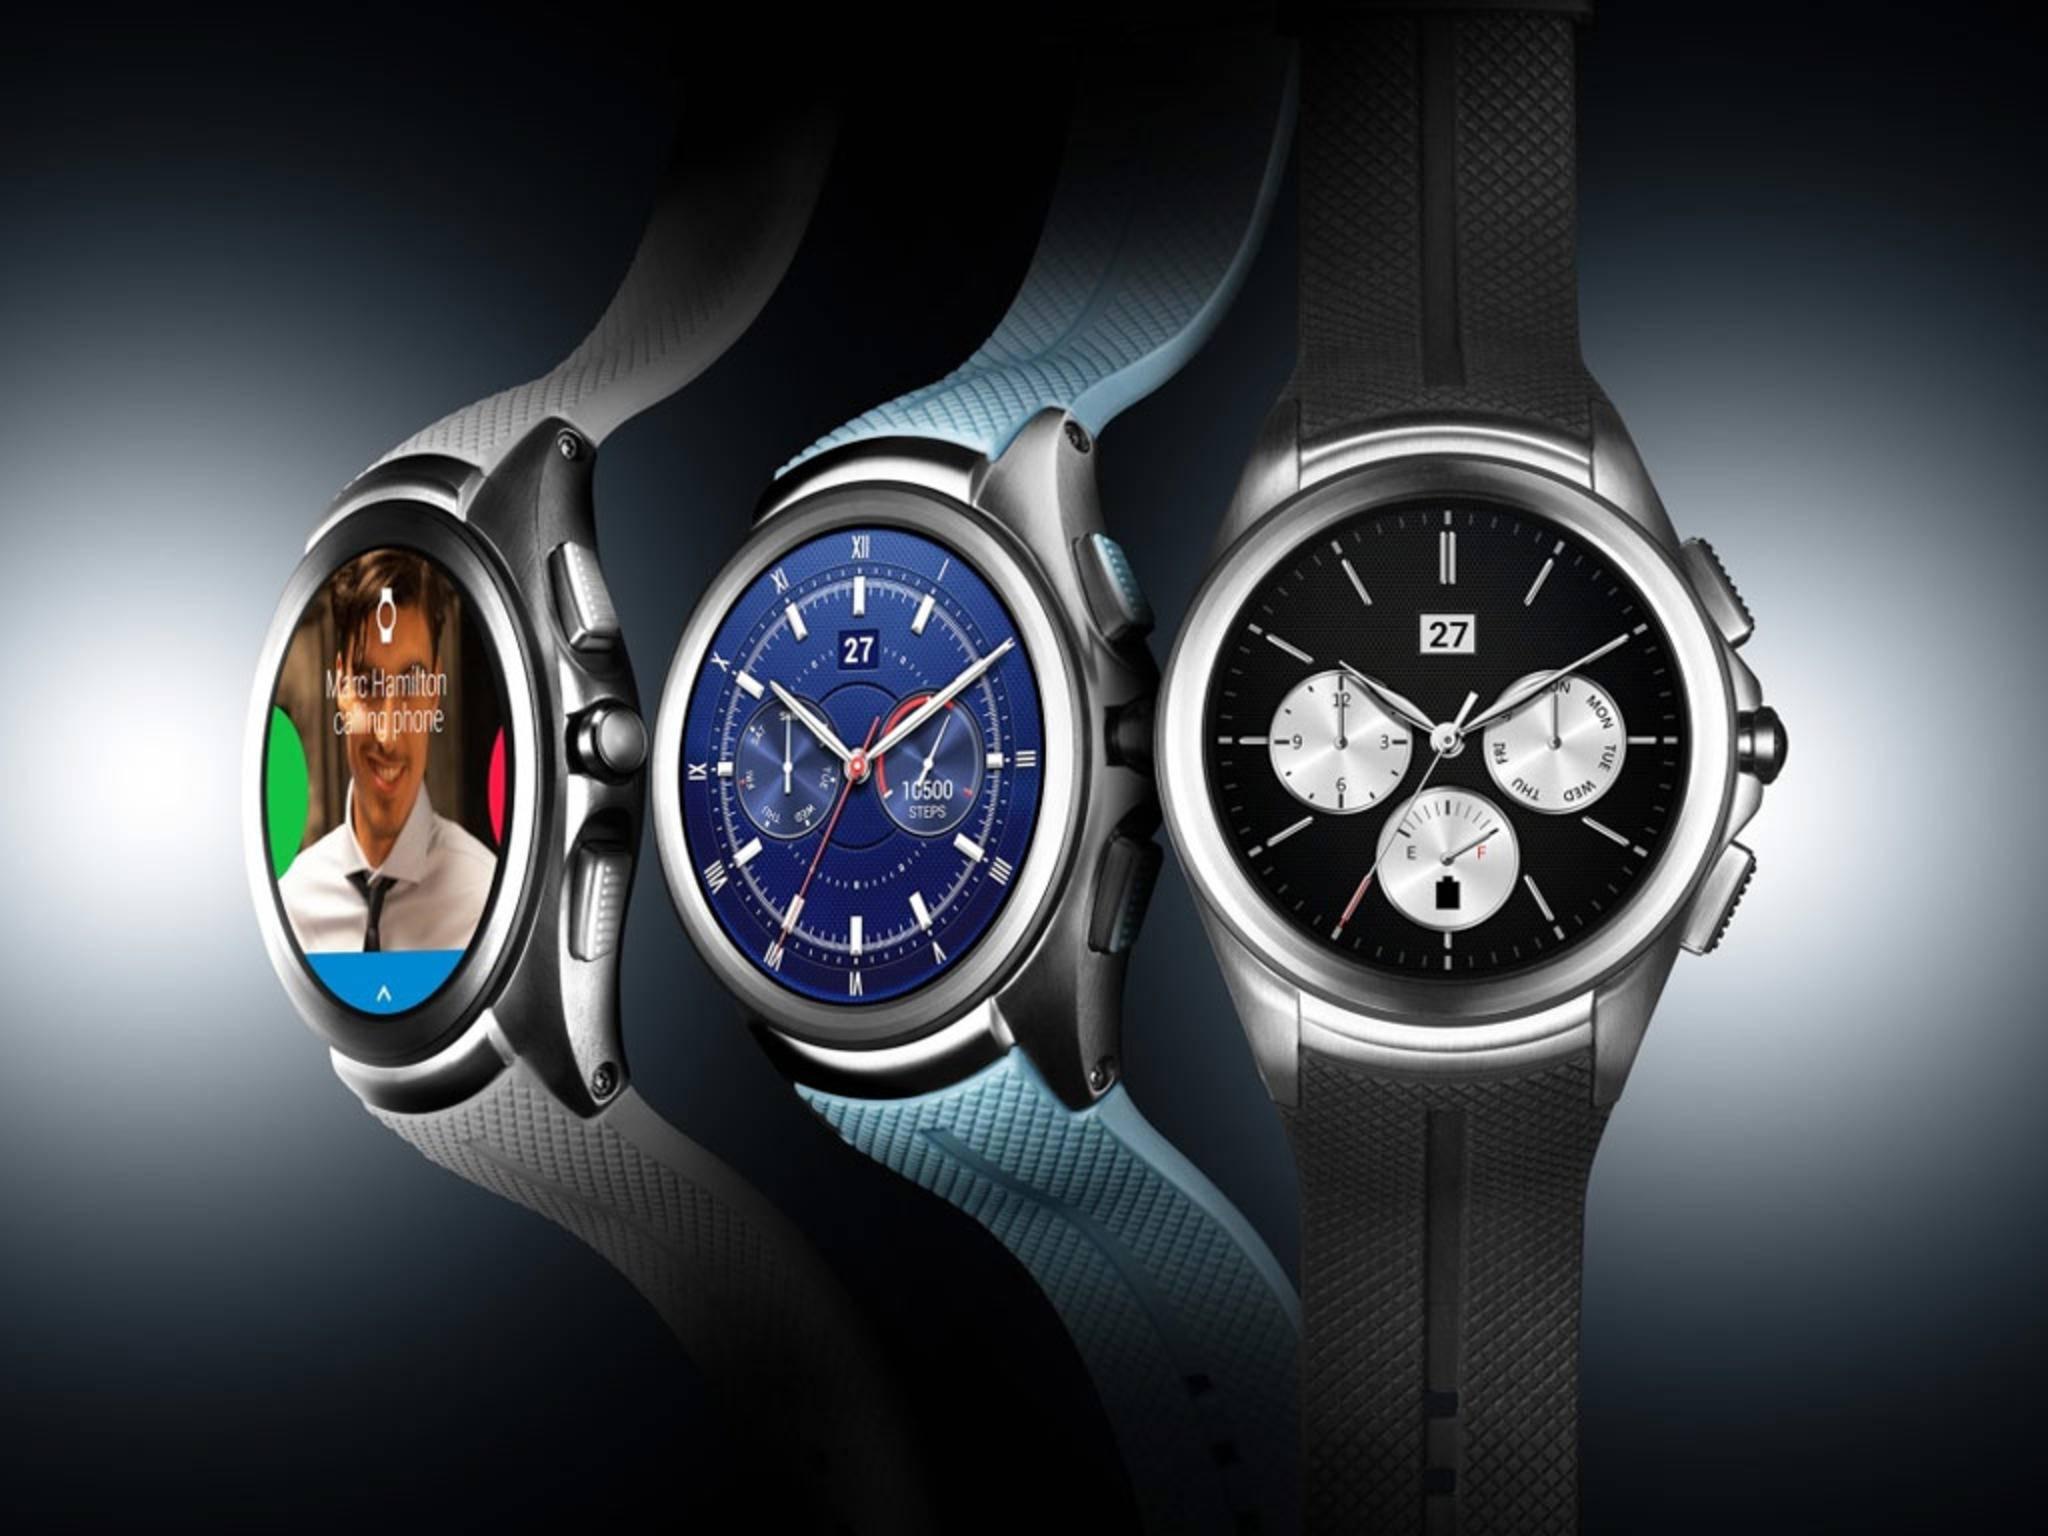 Die LG Watch Urbane 2nd Edition mit Android Wear ist die erste Smartwatch mit Mobilfunk-Support.